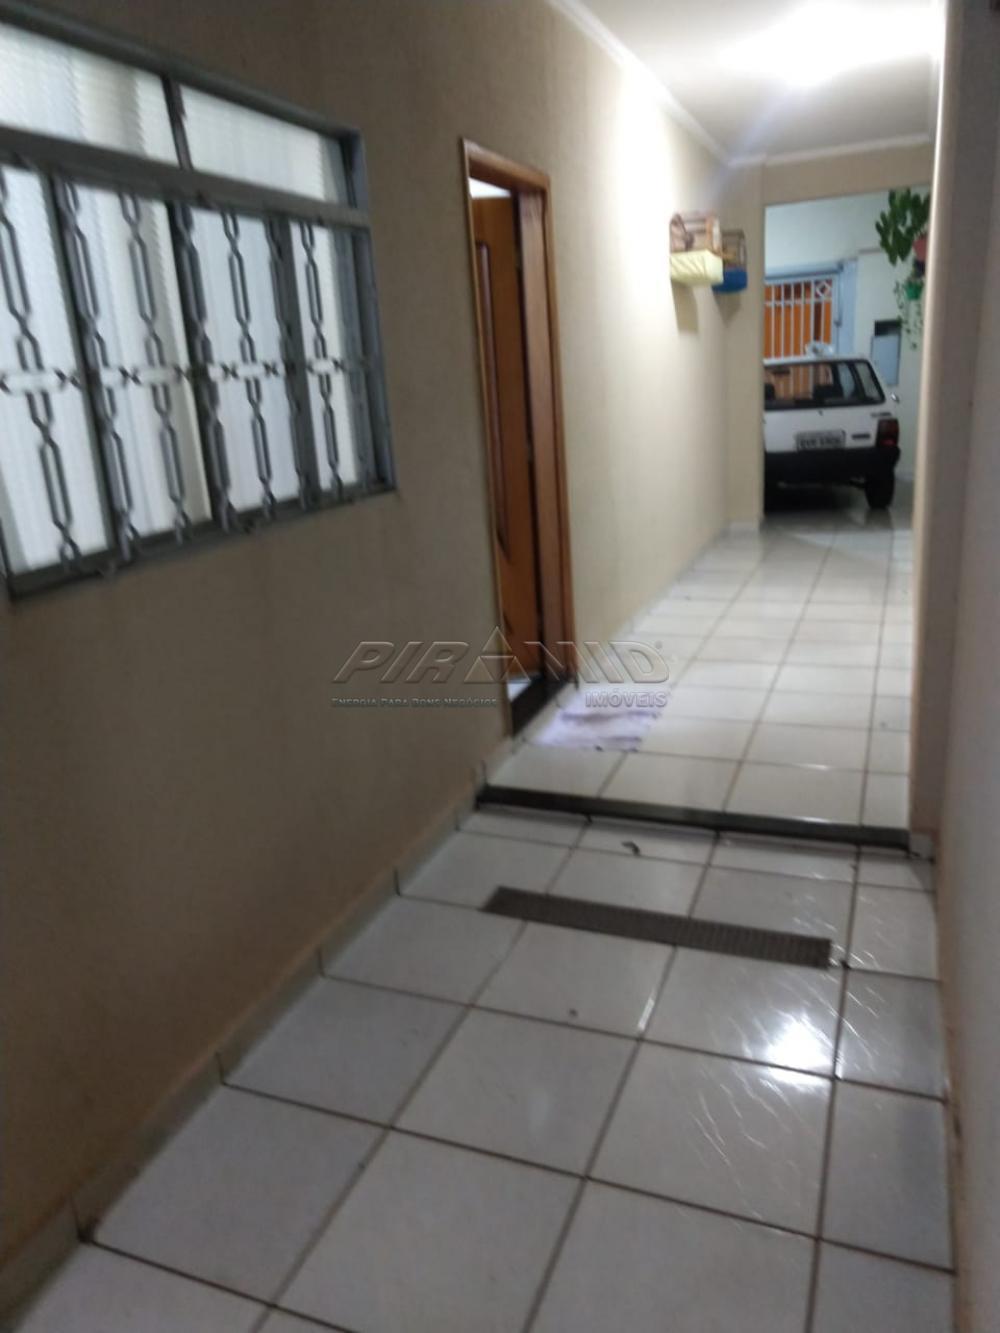 Comprar Casa / Padrão em Ribeirão Preto R$ 320.000,00 - Foto 2